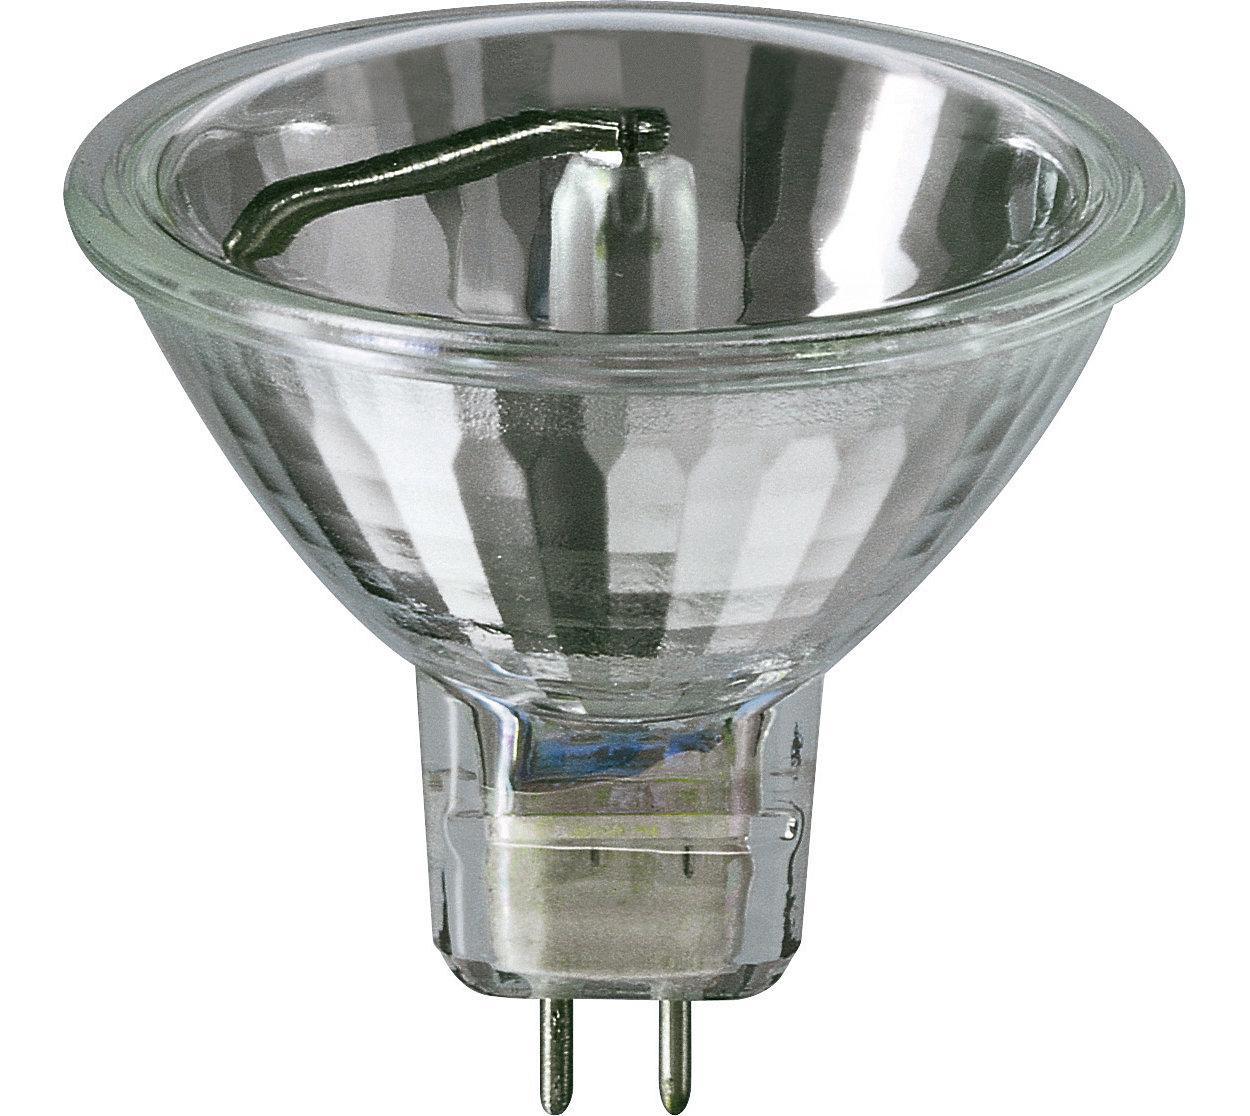 Lampes réflecteurs halogènes à basse tension et à faible consommation